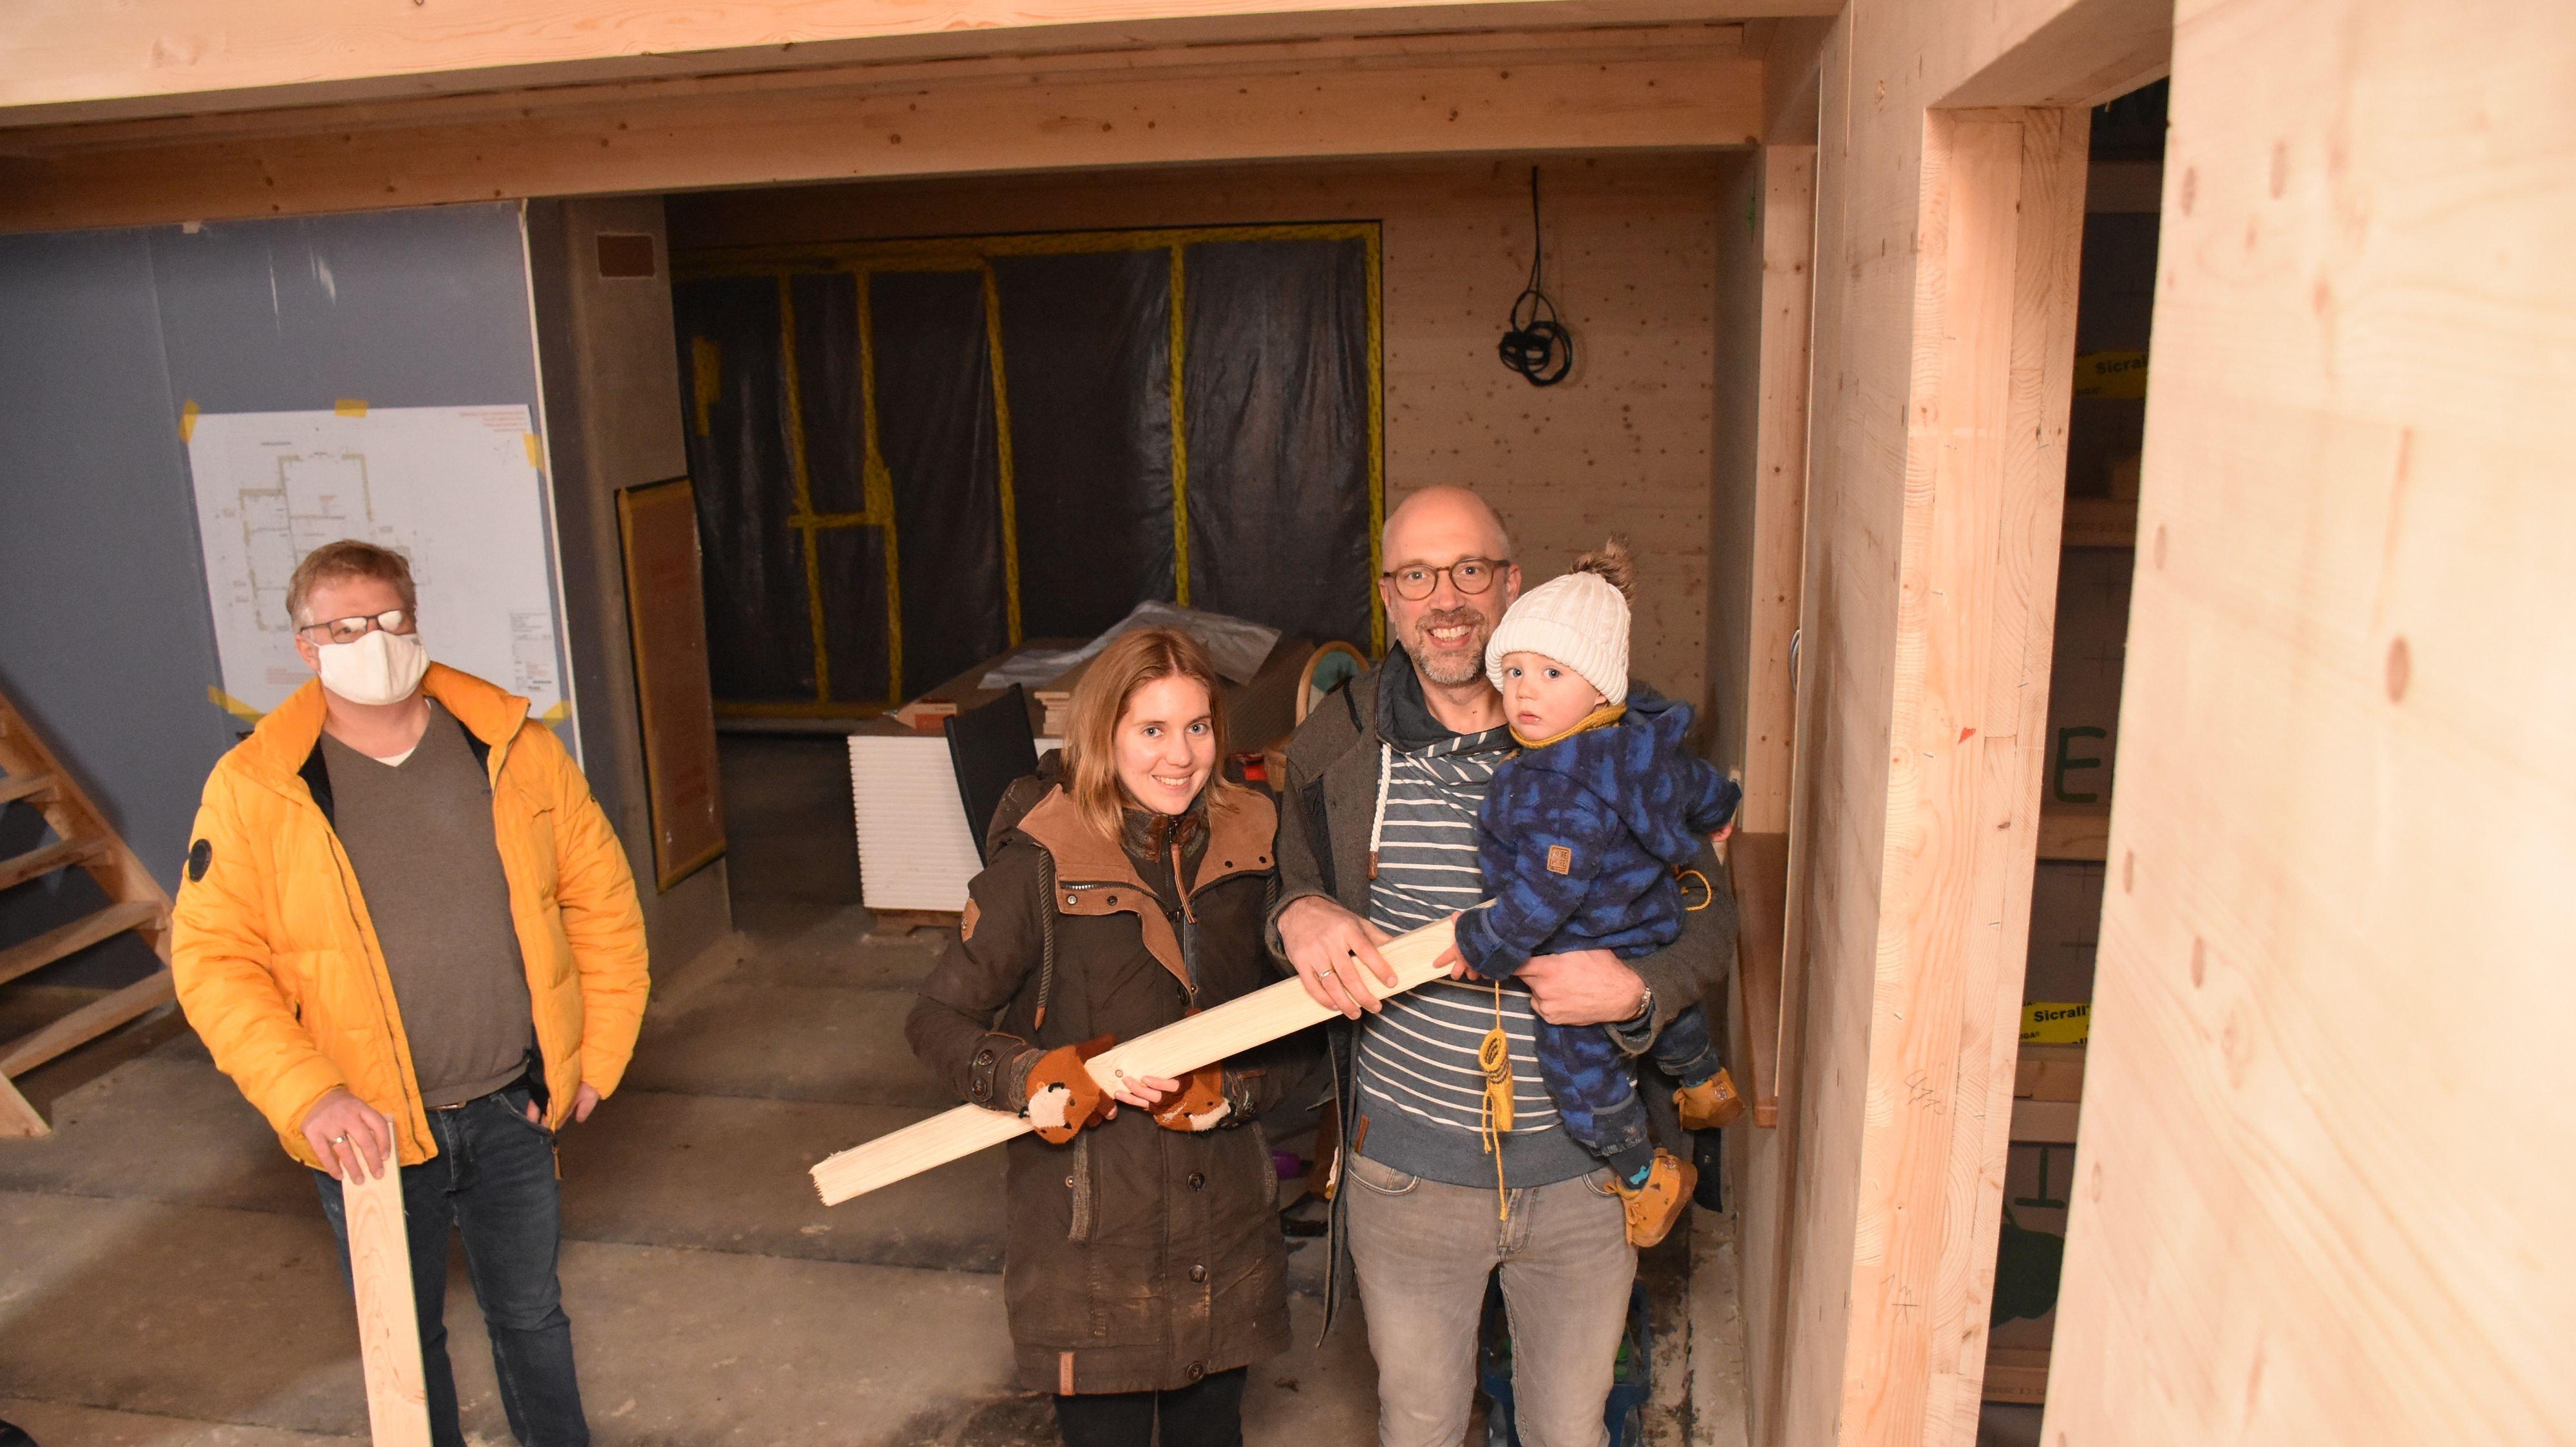 Sebastian und Laura Speckmann, im Bild mit Sohn Franz, freuen sich auf den Einzug in ihr nachhaltiges Eigenheim. Mario Drees (Zimmerer Profibau) leitet den Neubau und berät die Familie bei dem Projekt. Foto: Timphaus